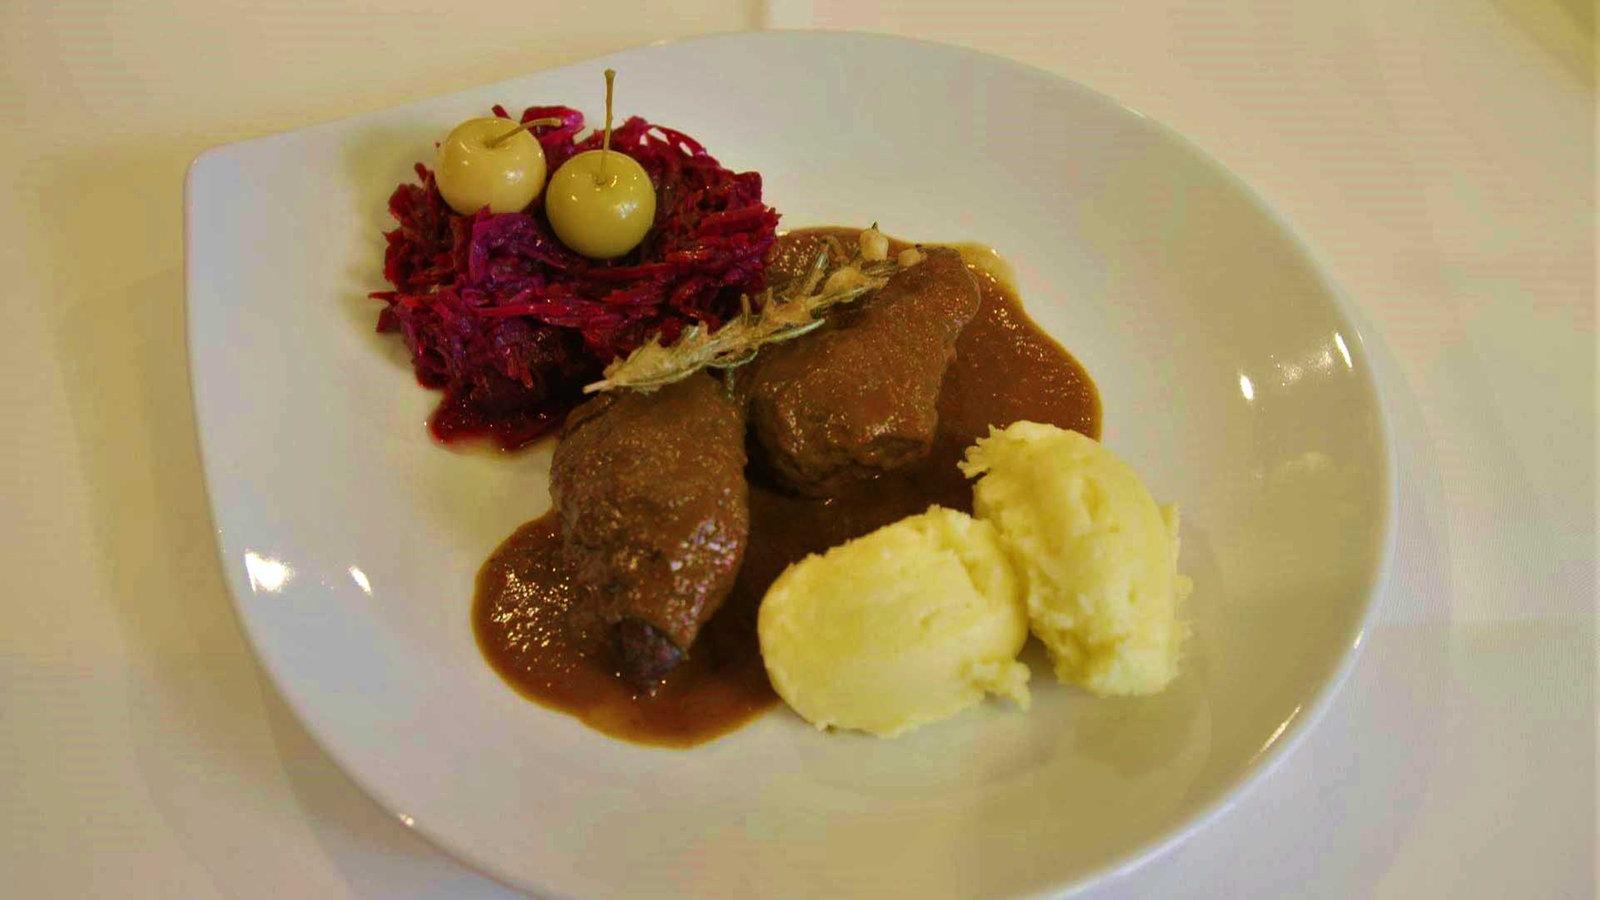 Land und lecker, Staffel 10 - Rezepte - Verbraucher - WDR